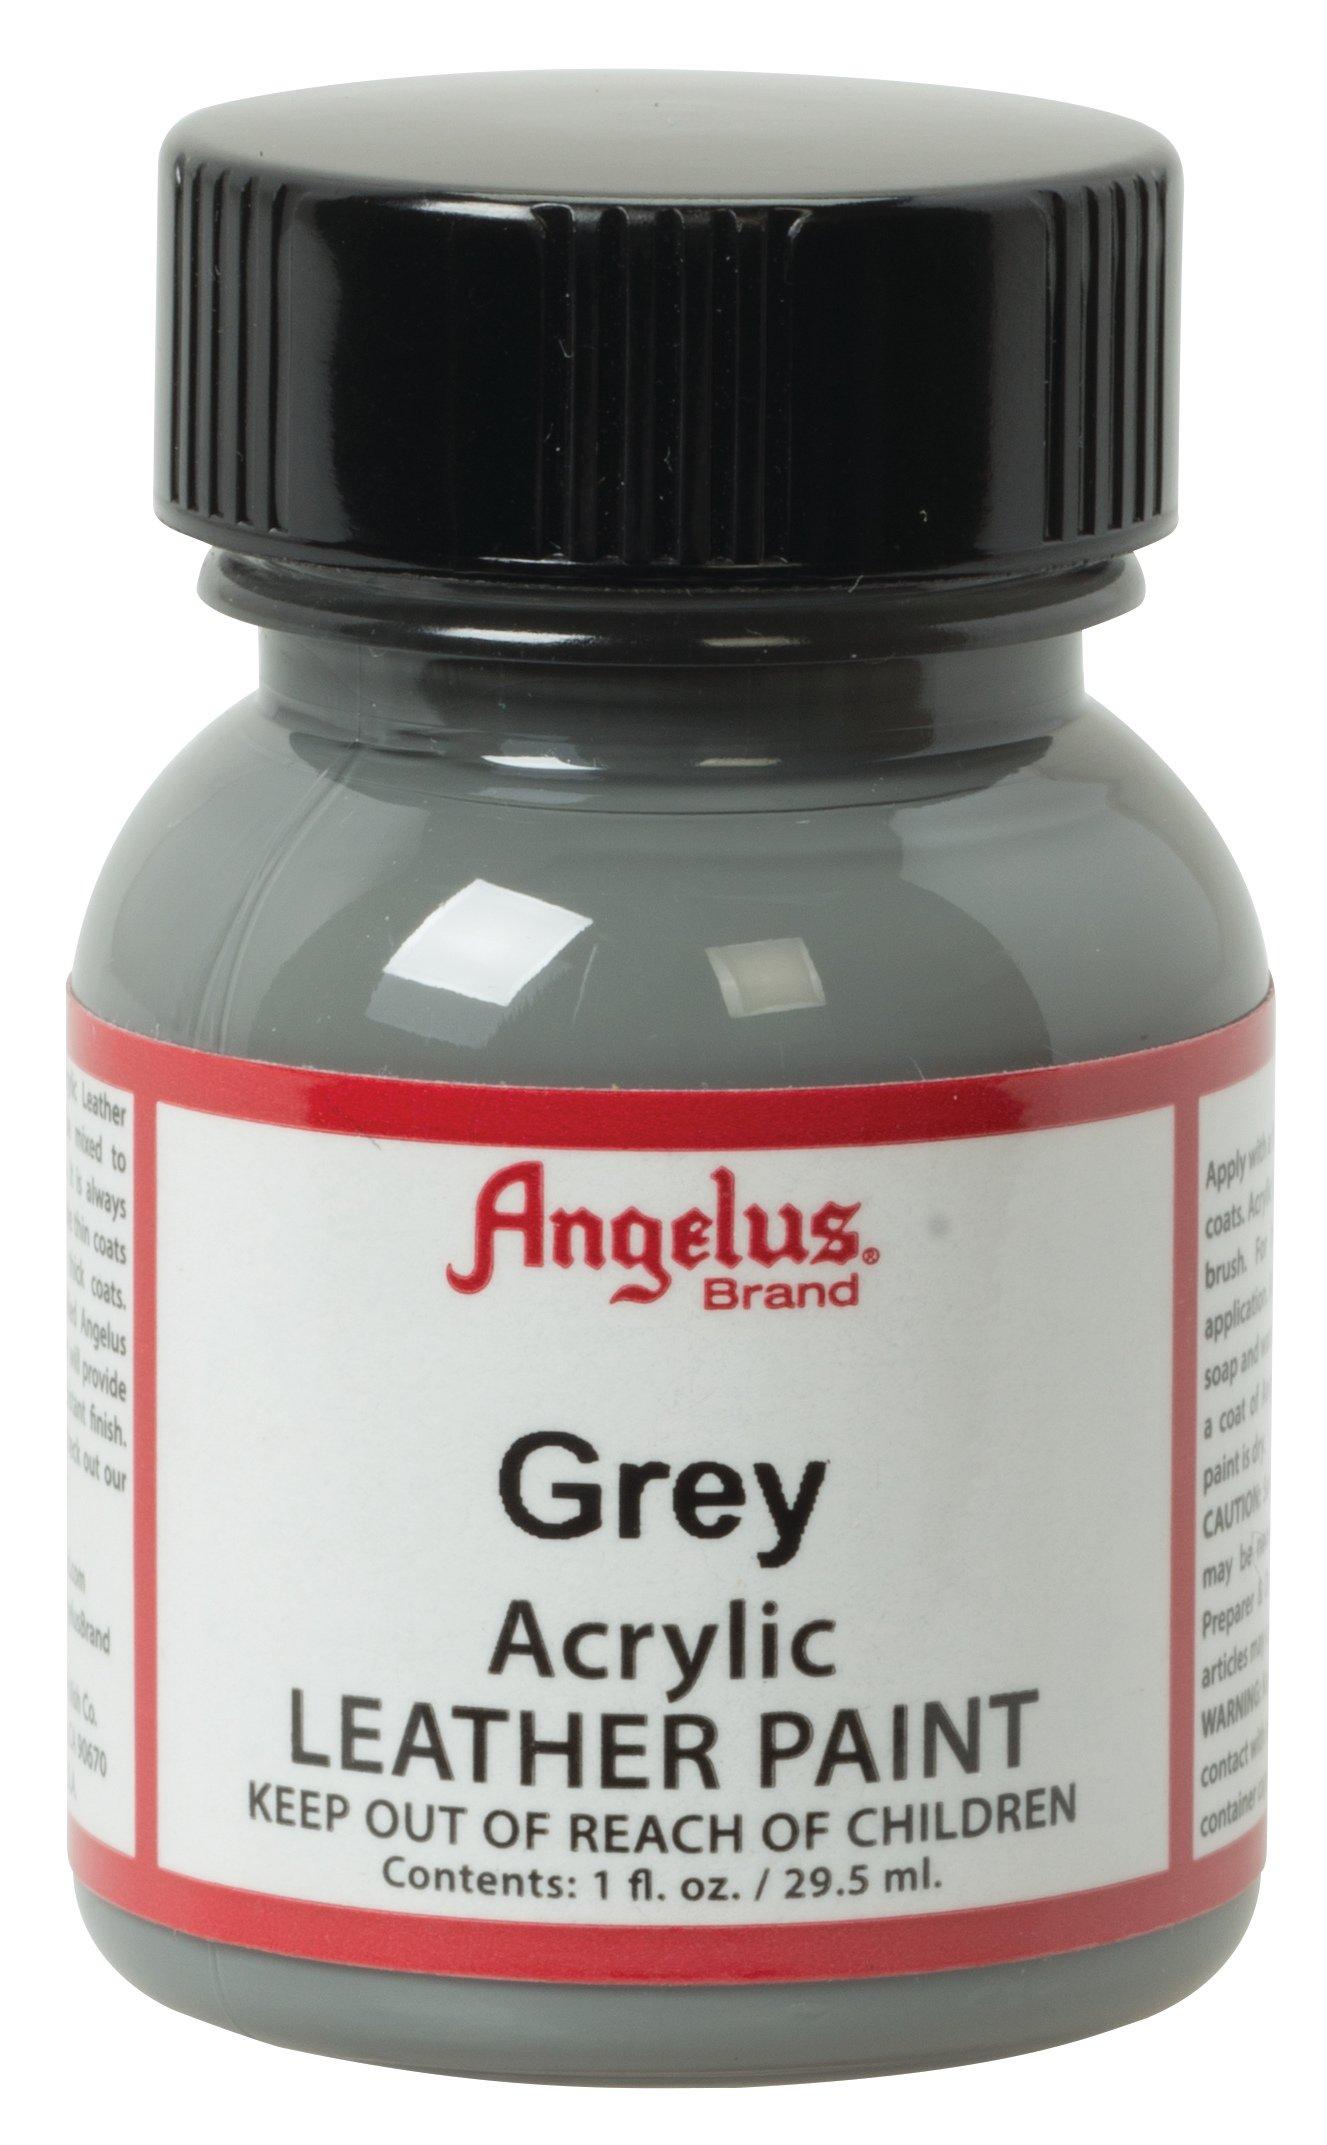 Angelus Acrylic Leather Paint, Grey, 1